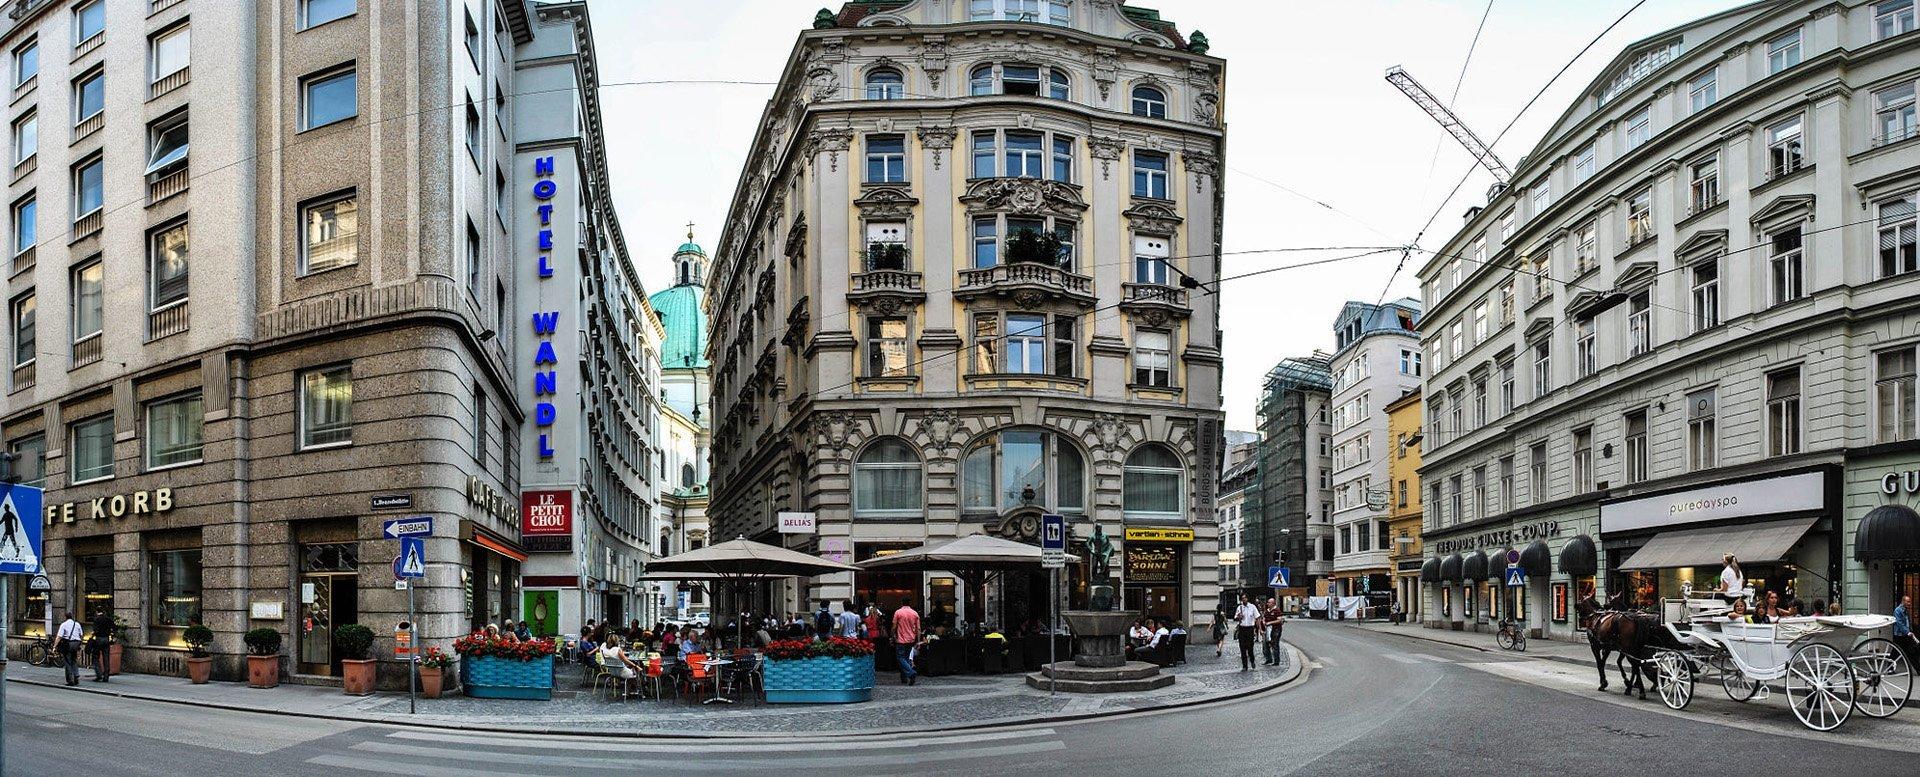 Avusturya Viyana'dan sokak manzarası